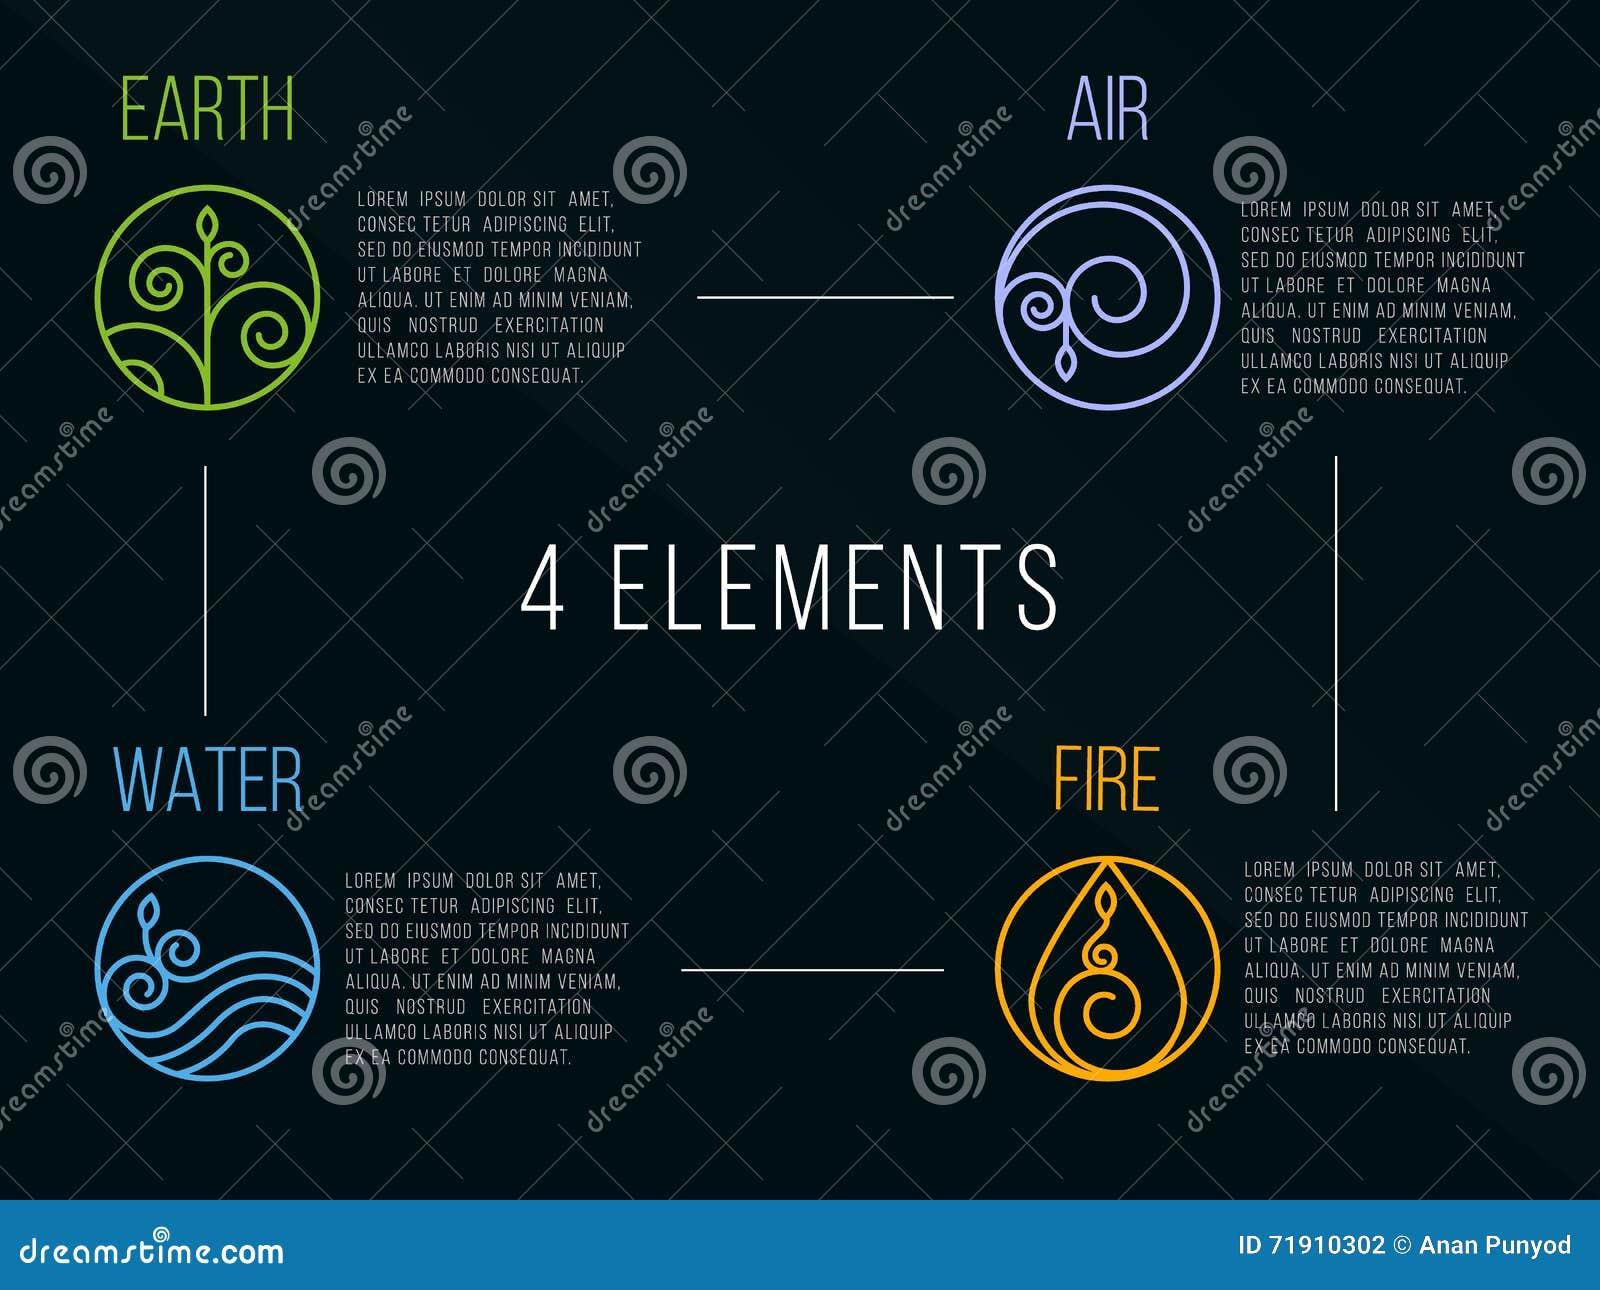 Nett Elektrisches Symbol Der Erde Ideen - Der Schaltplan - greigo.com